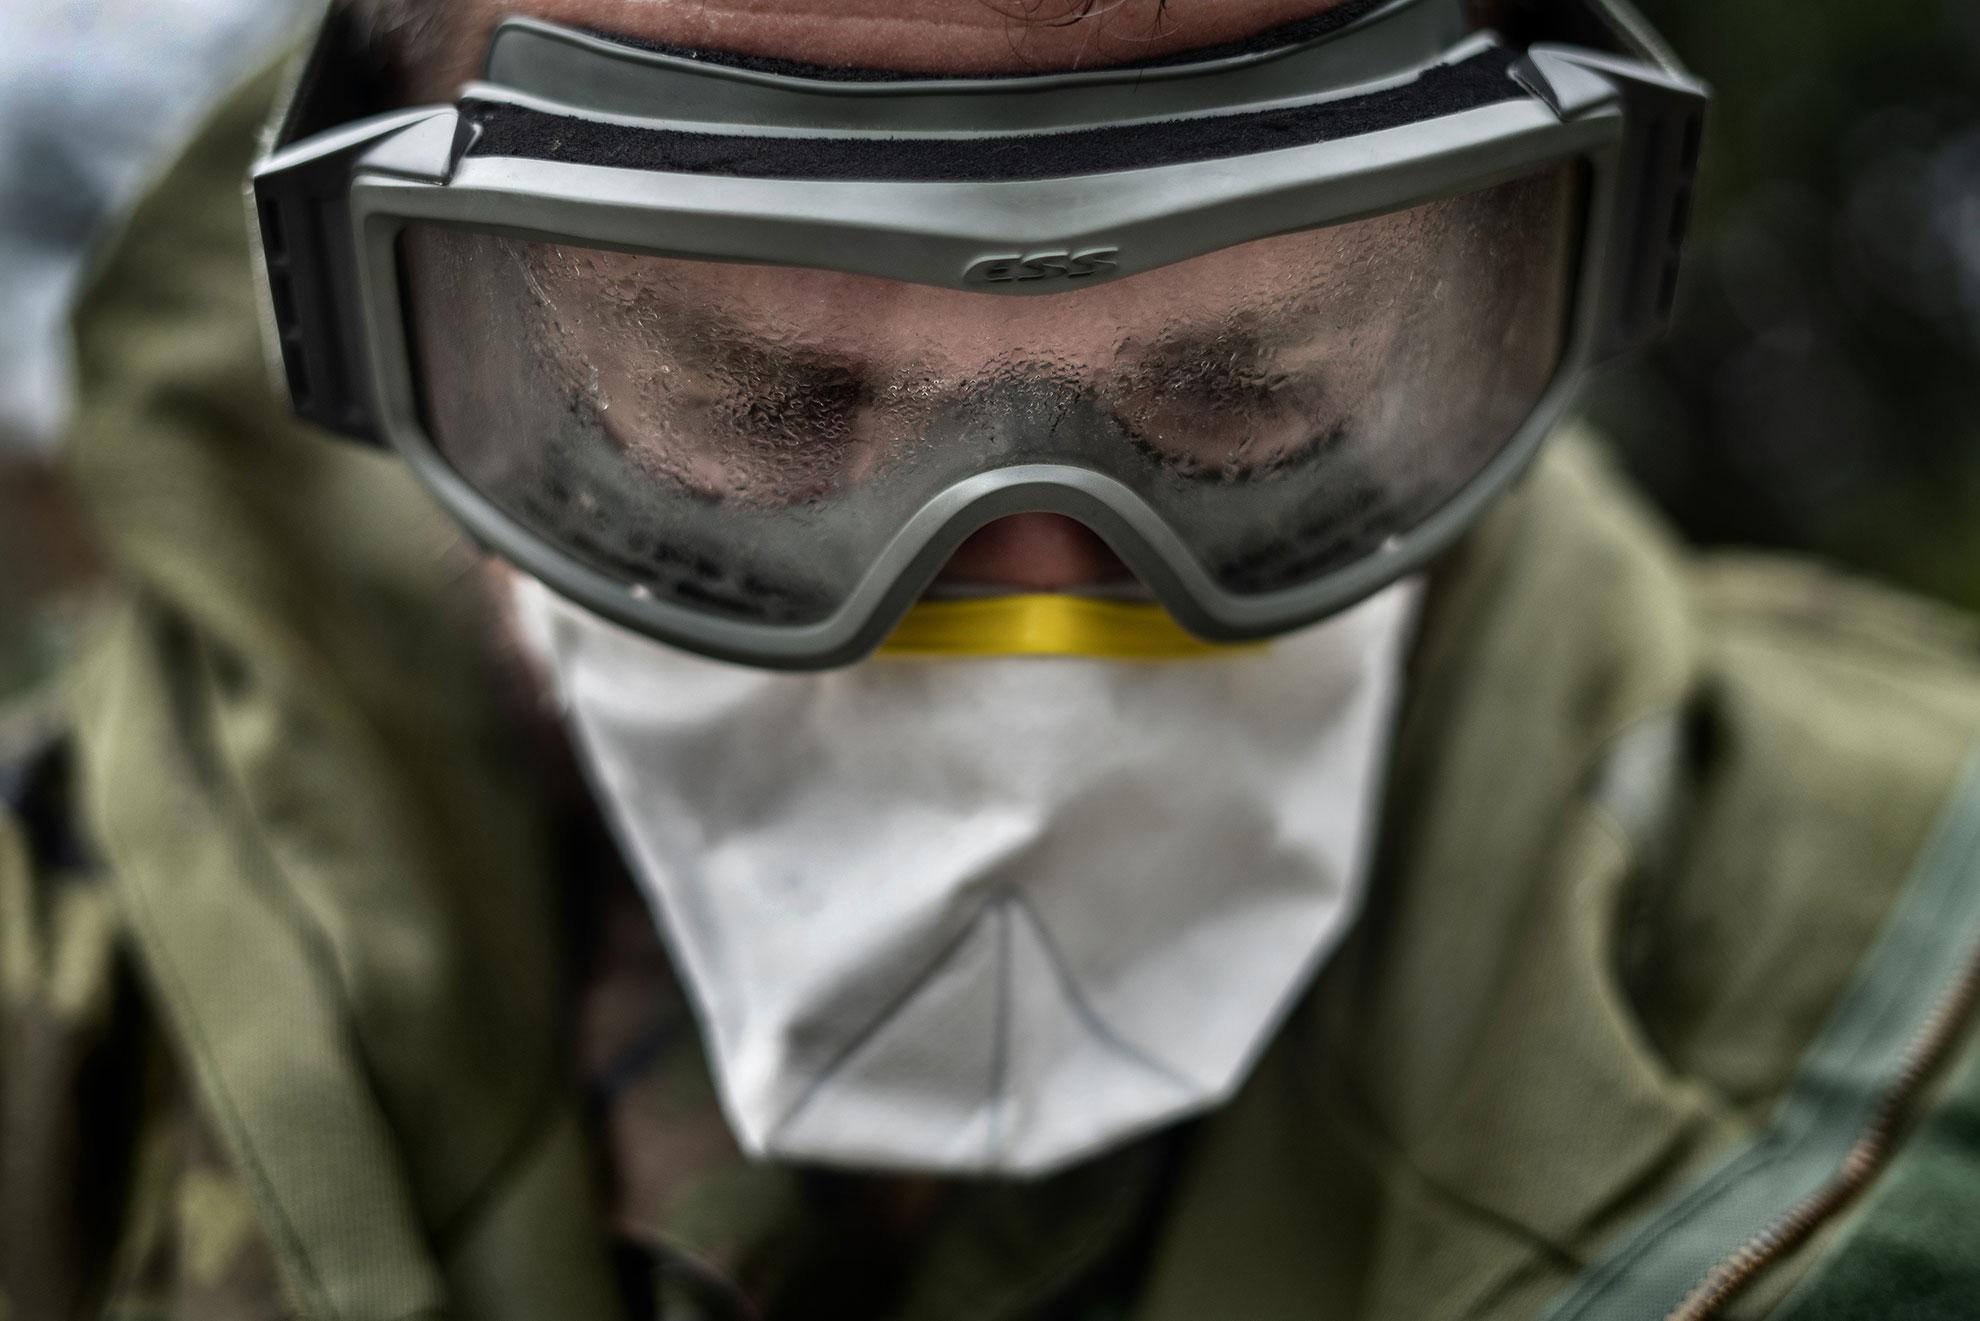 Un militar del Ejército de Tierra de la base de San Fernando (Cádiz), realiza tareas de desinfección en la Hospedería Reina de los Ángeles (Aracena, Huelva) que alberga 14 ancianos contagiados por COVID19 y que se encuentran aislados en el centro.